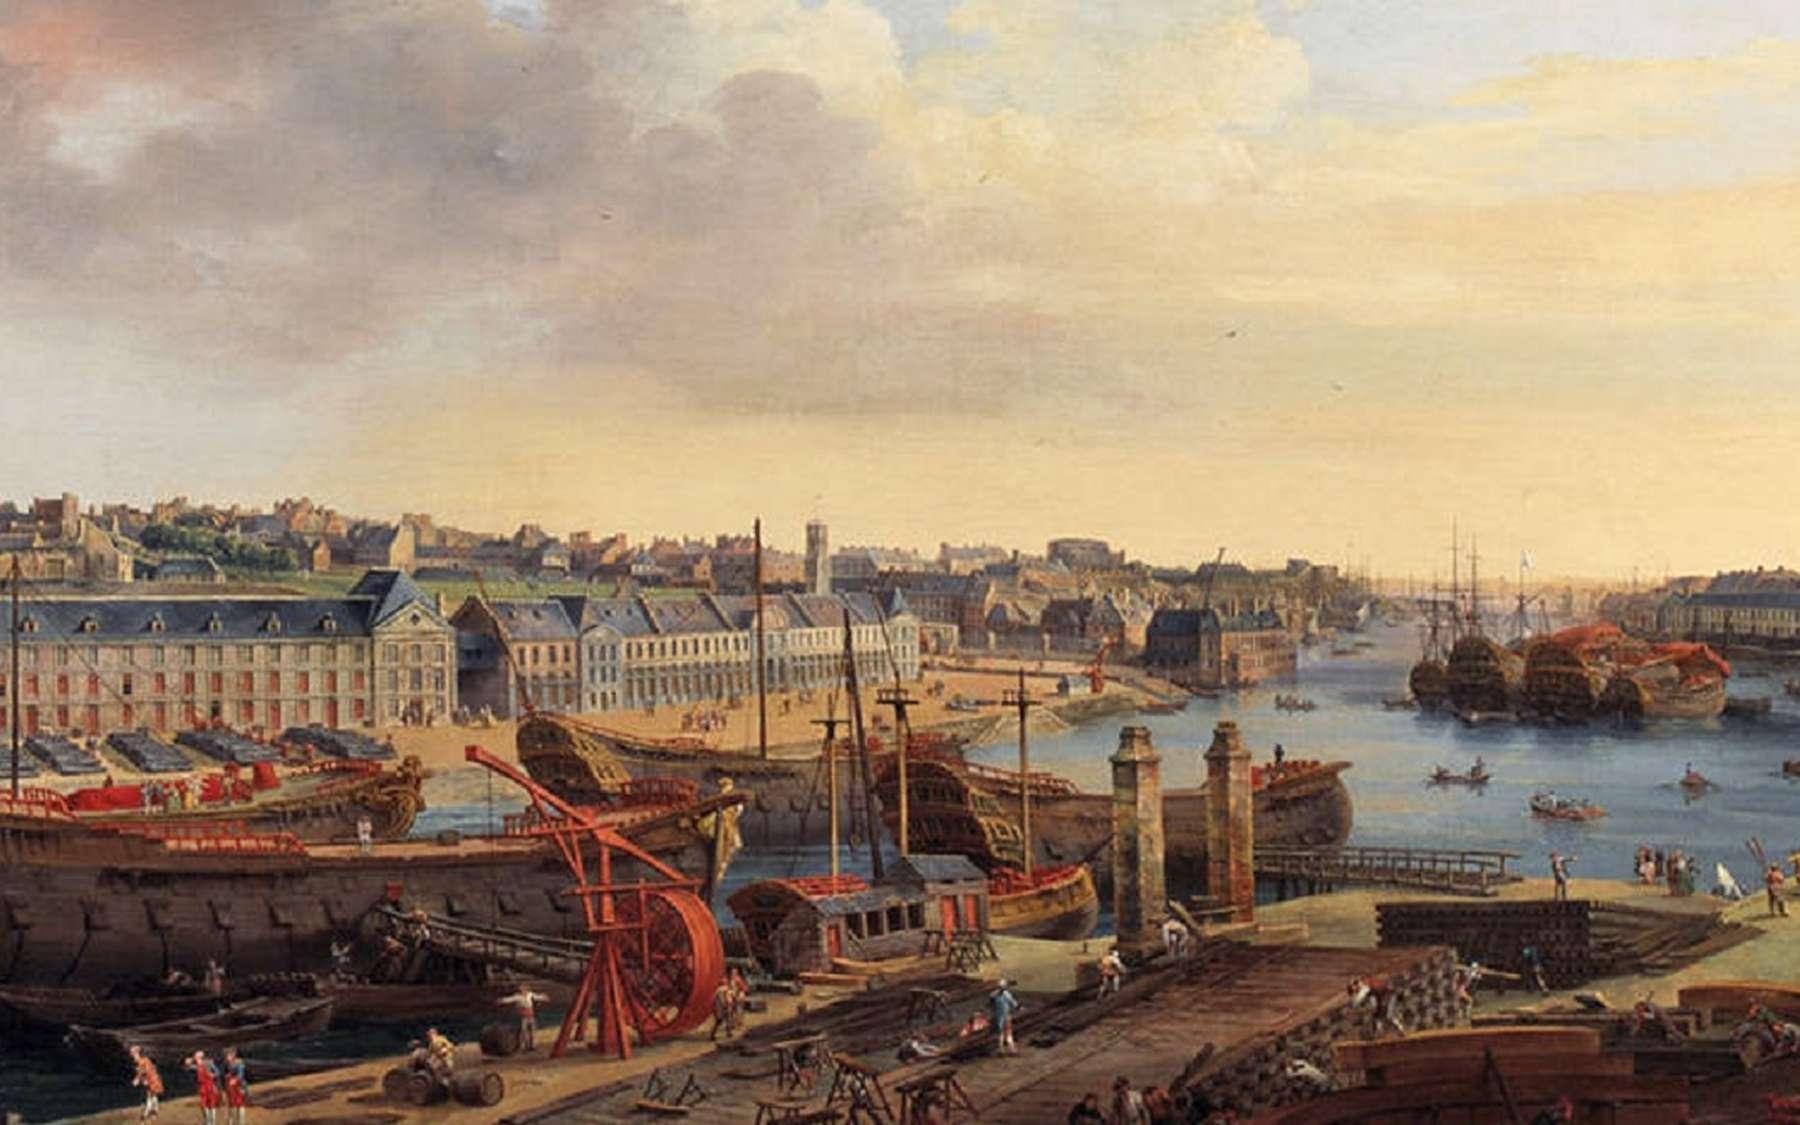 Vue du port de Brest en 1774, tableau de Louis-Nicolas van Blarenberghe. © Musée des Beaux-Arts de Brest Métropole Océane, domaine public